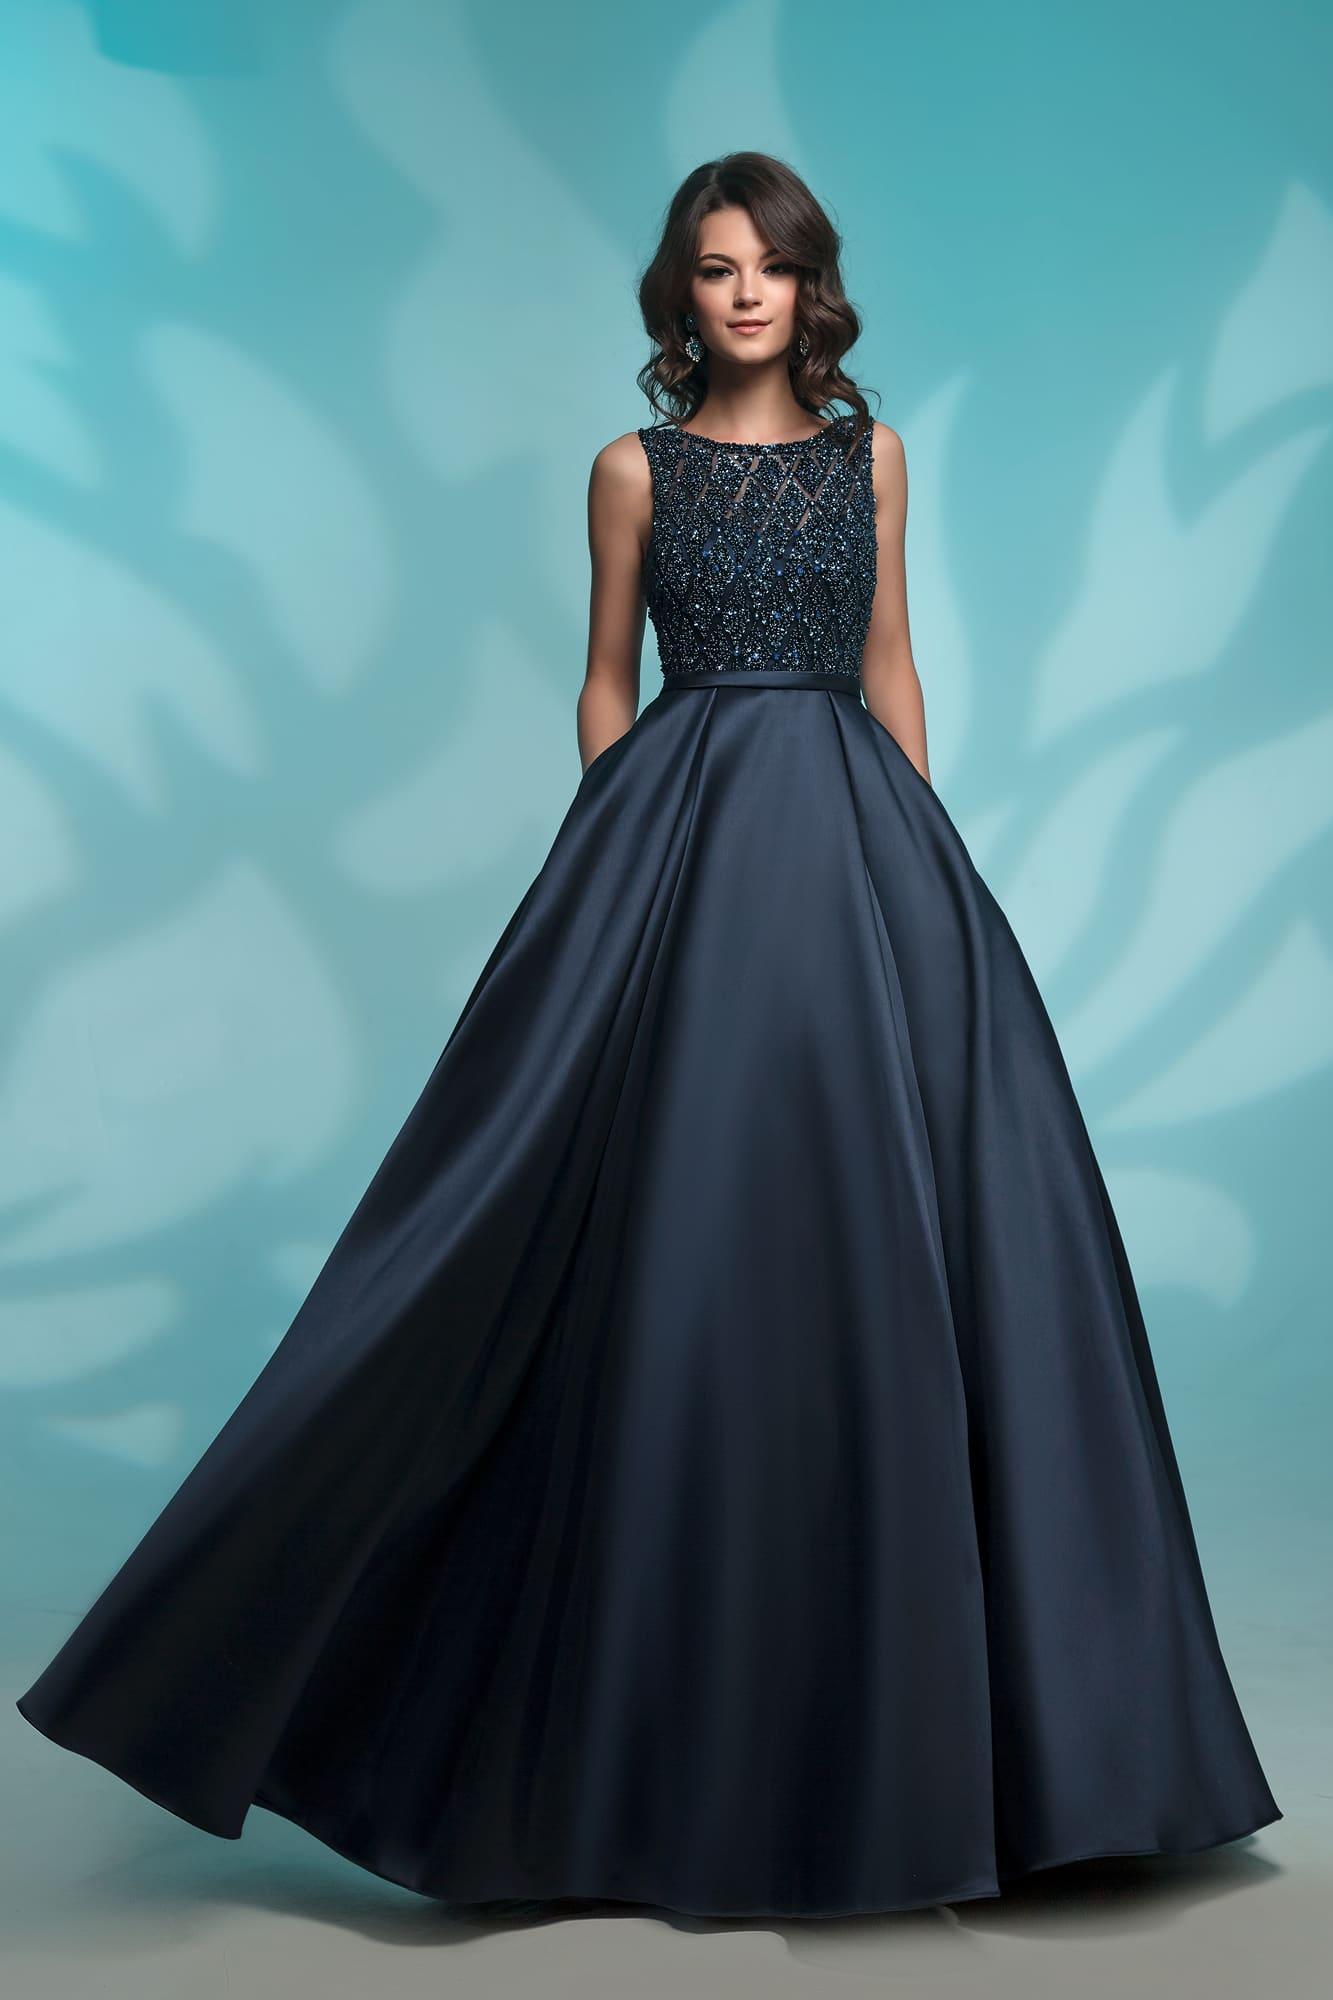 66b39029f92 Темно-синее платье Nora Naviano 8142 navy ▷ Свадебный Торговый Центр Вега в  Москве